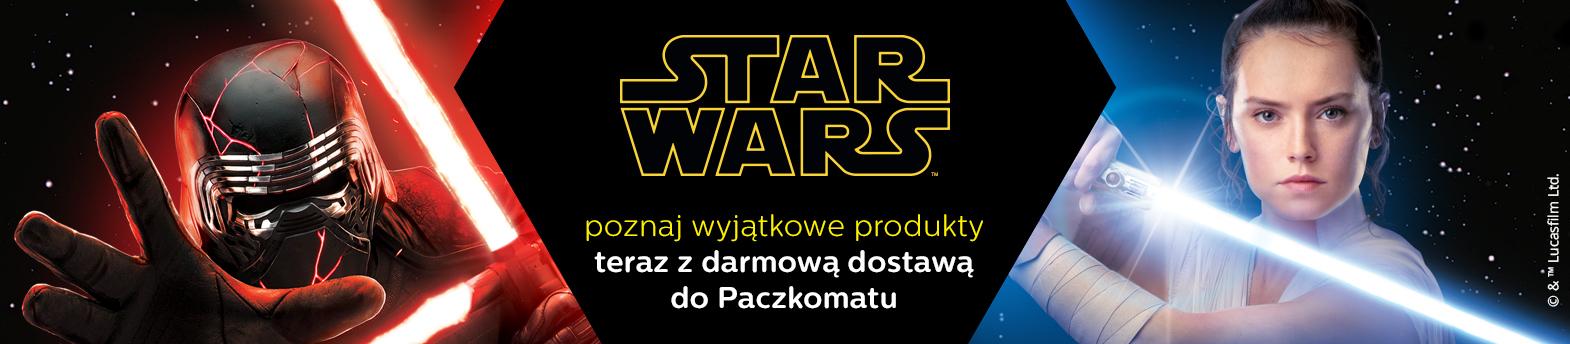 Gwiezdne Wojny: Skywalker. Odrodzenie zabawki i klocki lego